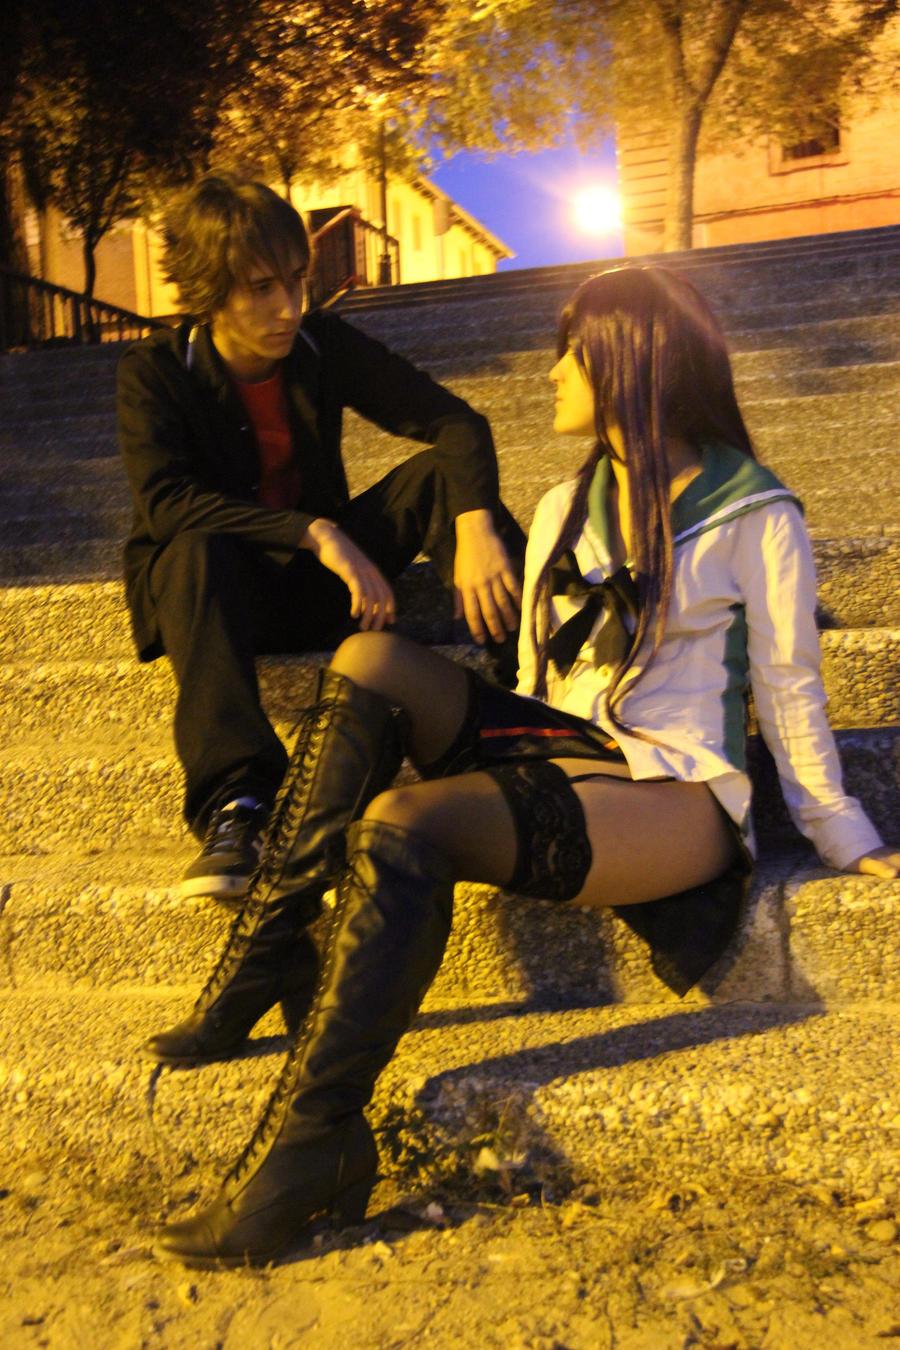 Takashi komuro and Saeko busujima by AstronSama on DeviantArt